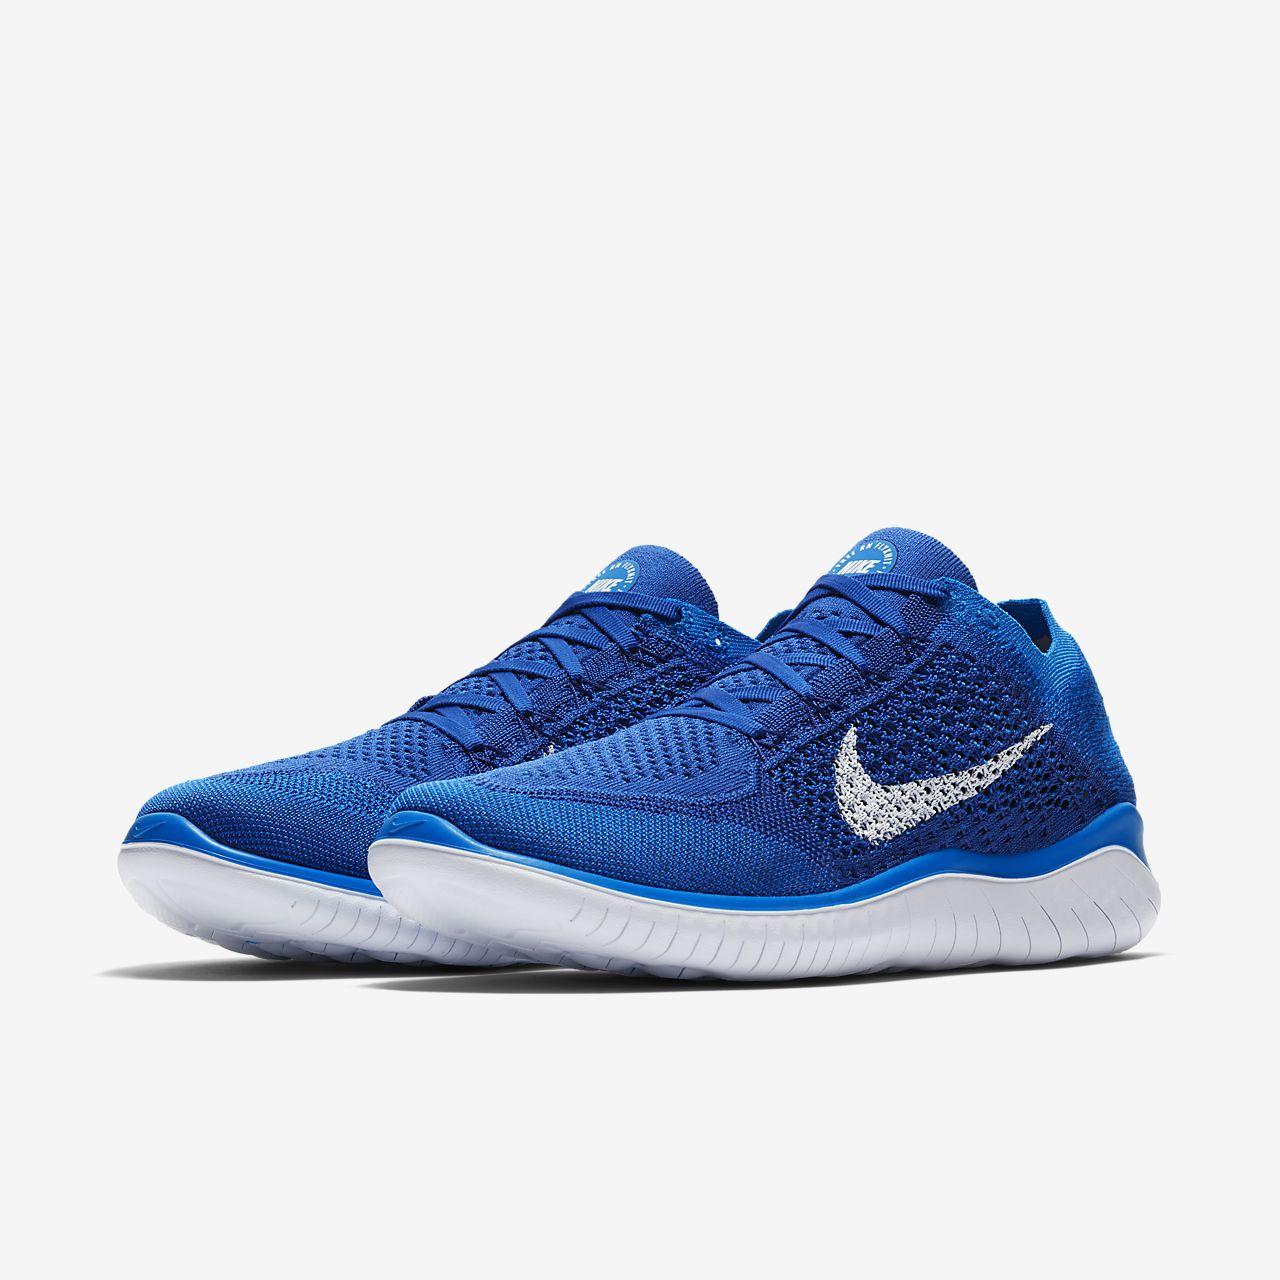 Nike Free RN Flyknit 2018 Herren-Laufschuh